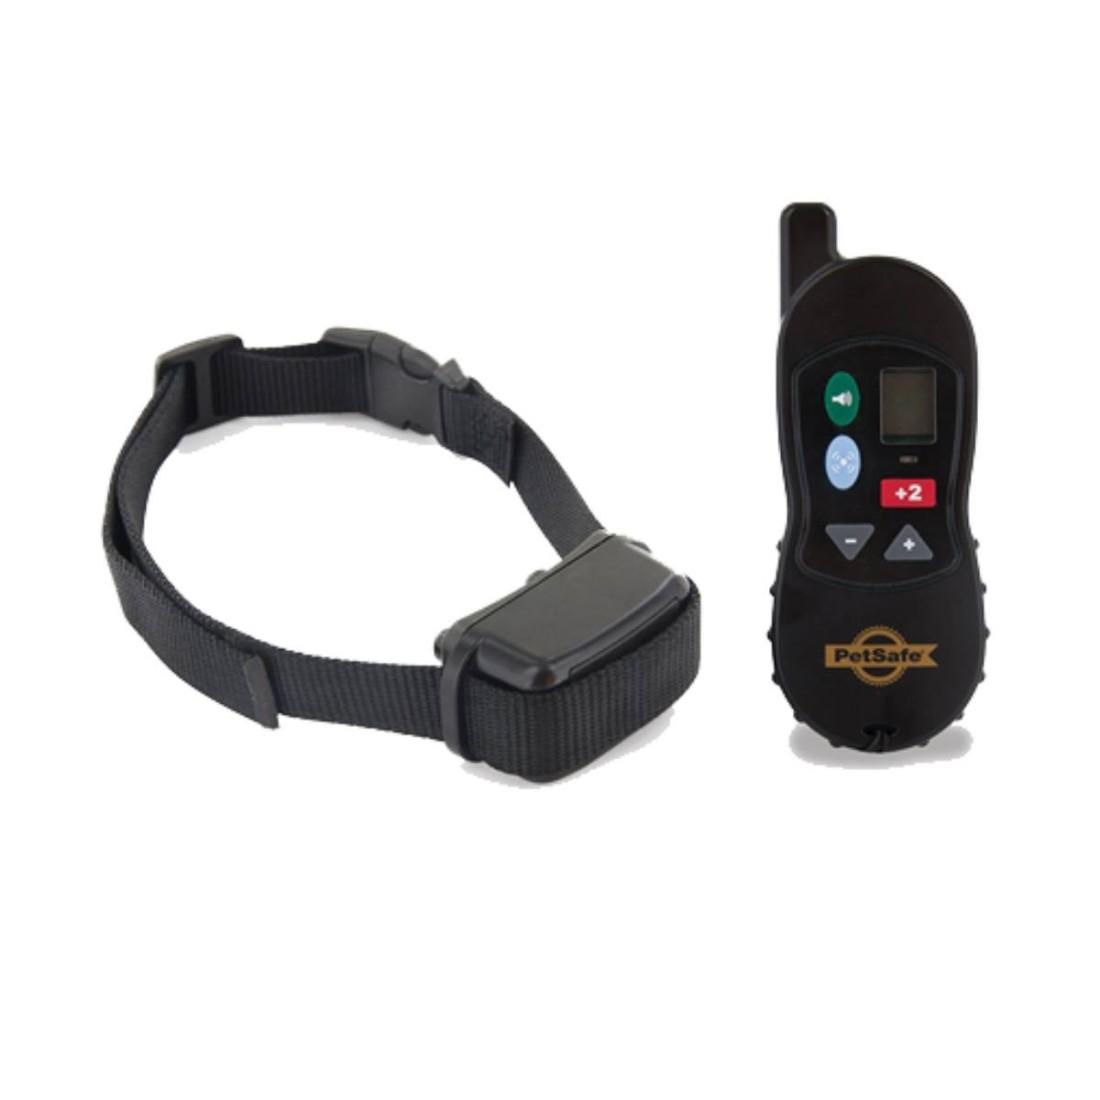 Petsafe Trainer VT100 tono+vibrazione - 1 Collare